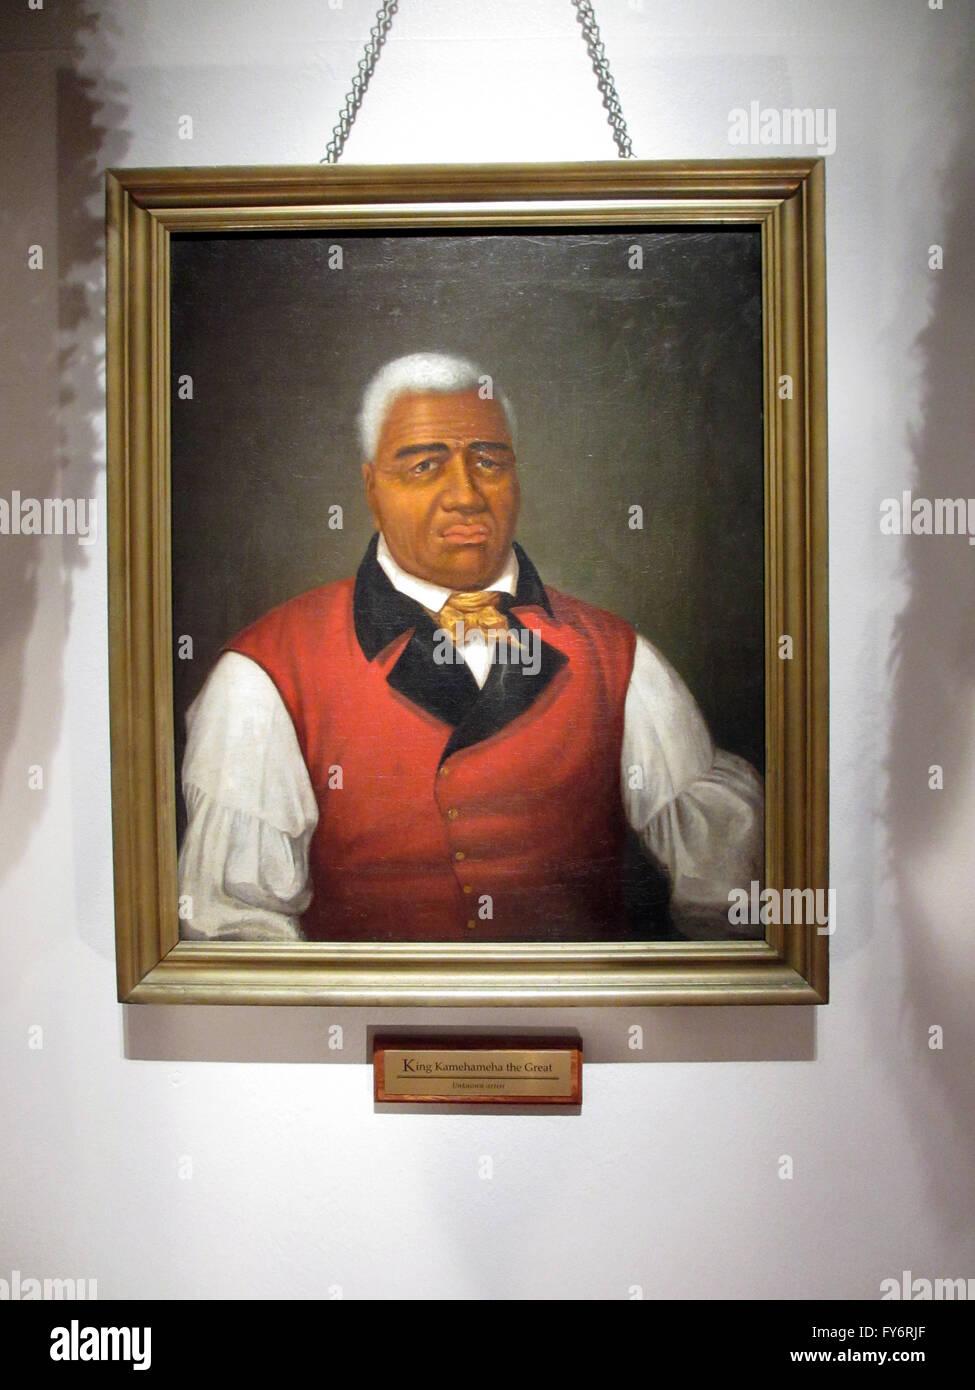 King Kamehameha das große zum ersten König des geeinten Hawaii, Malerei - unbekannter Künstler aus dem frühen 19. Jahrhundert. Stockfoto